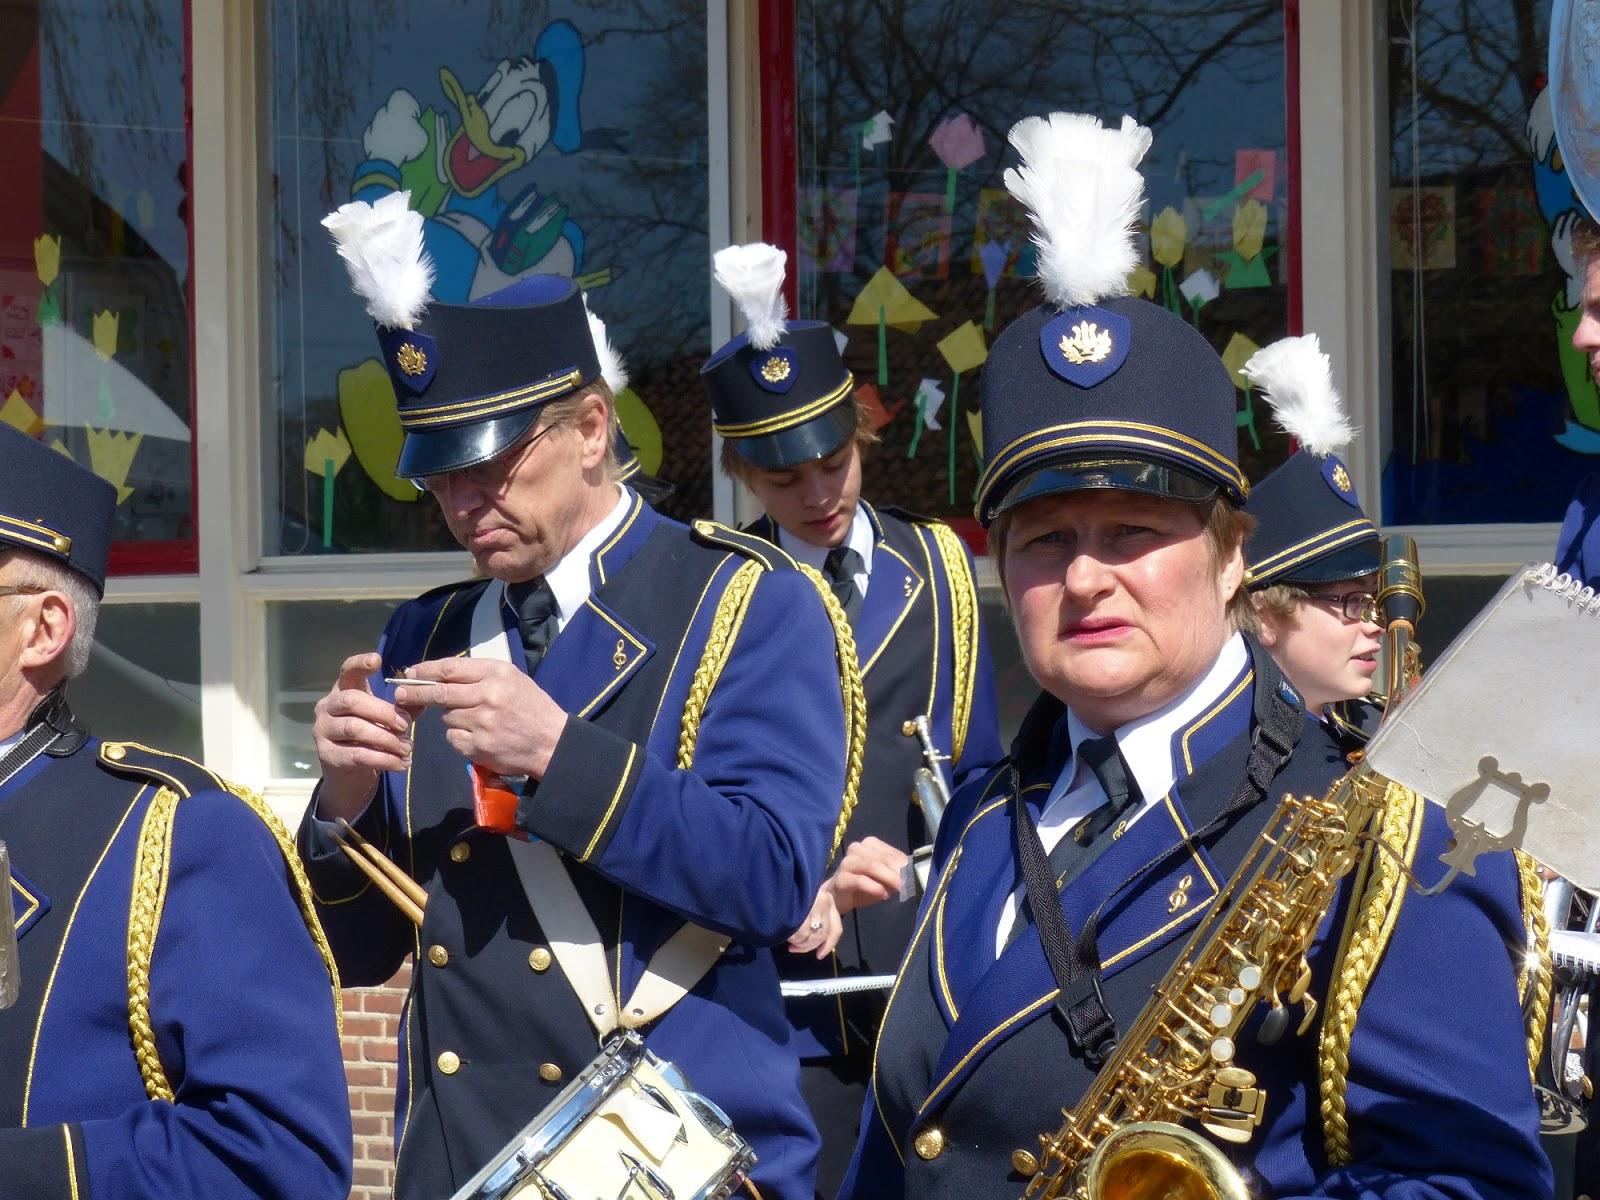 Concordia - Album 2013-04 - Streetparade